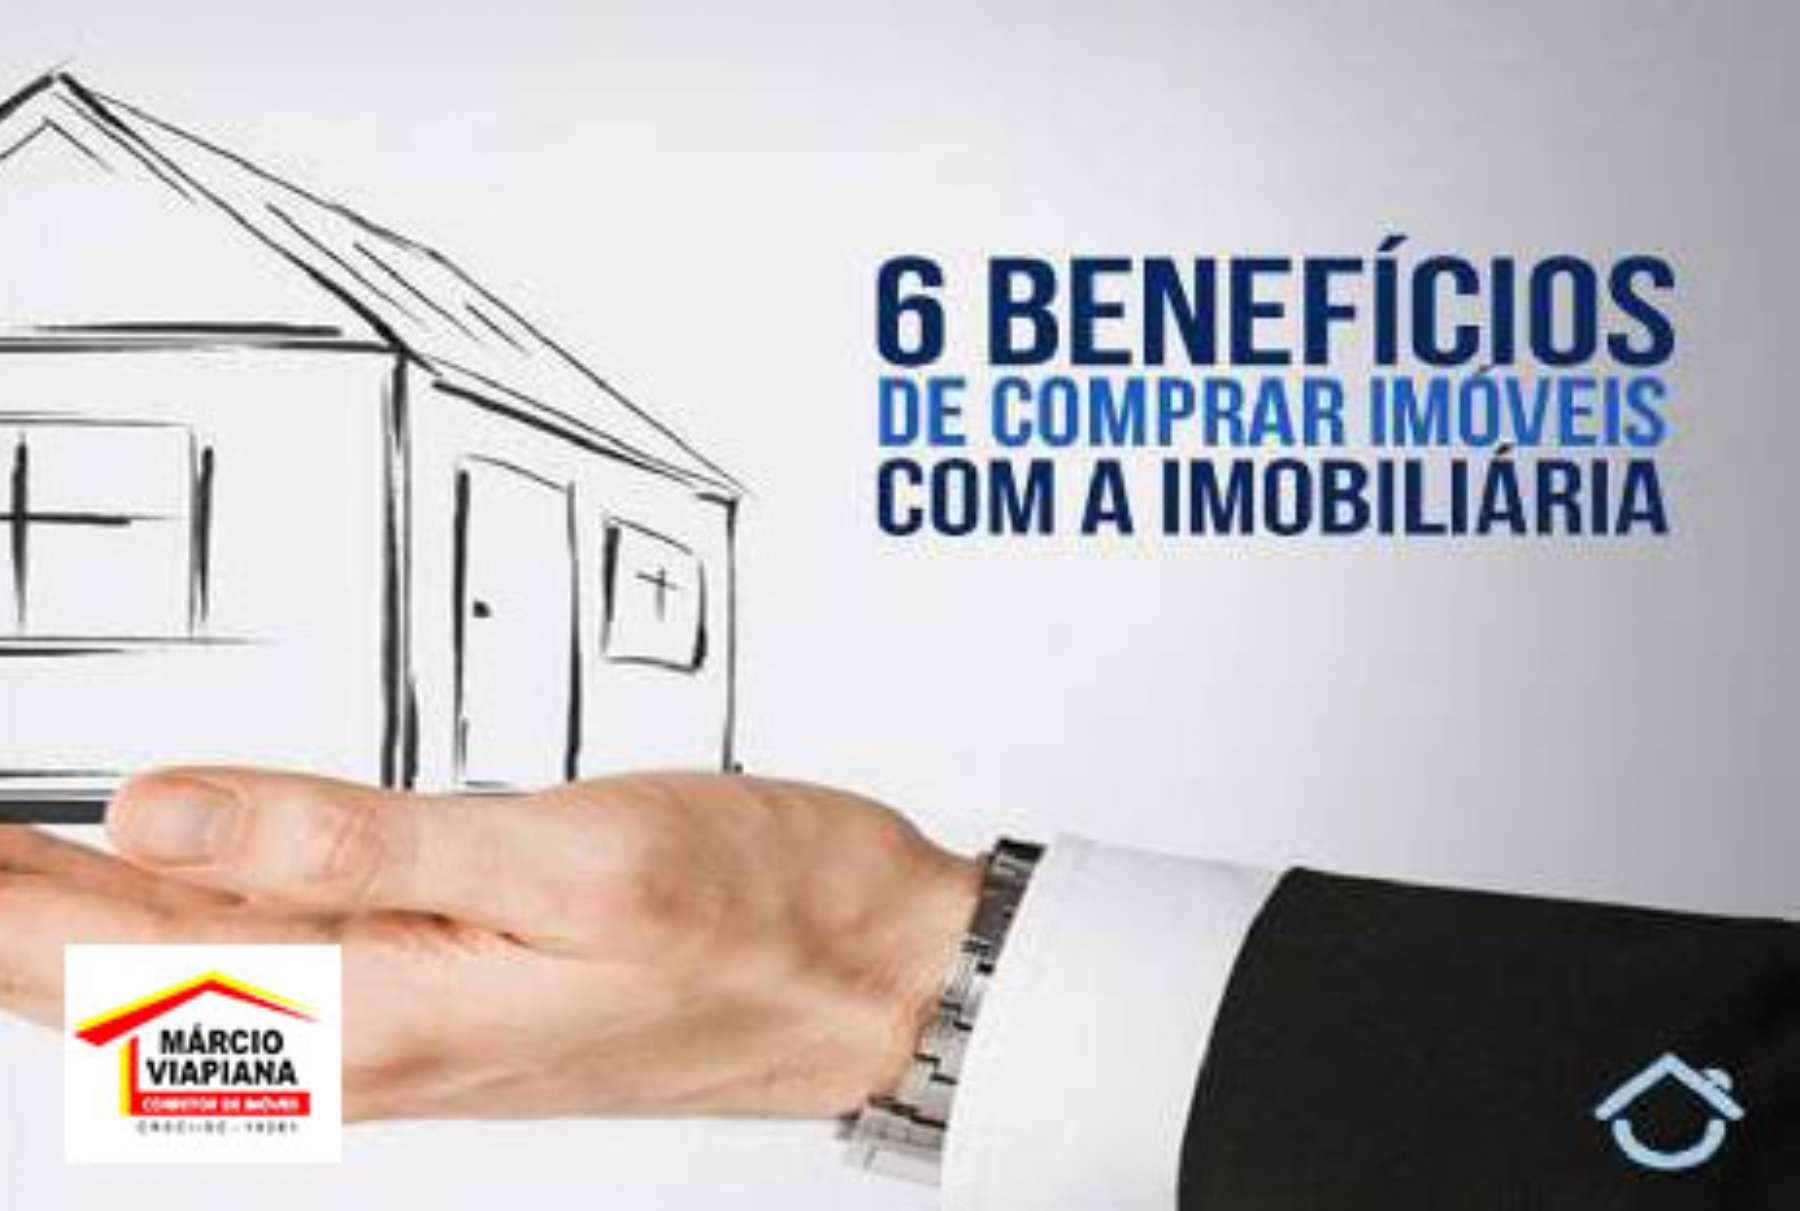 6 Benefícios de Comprar Imóvel com a Imobiliária